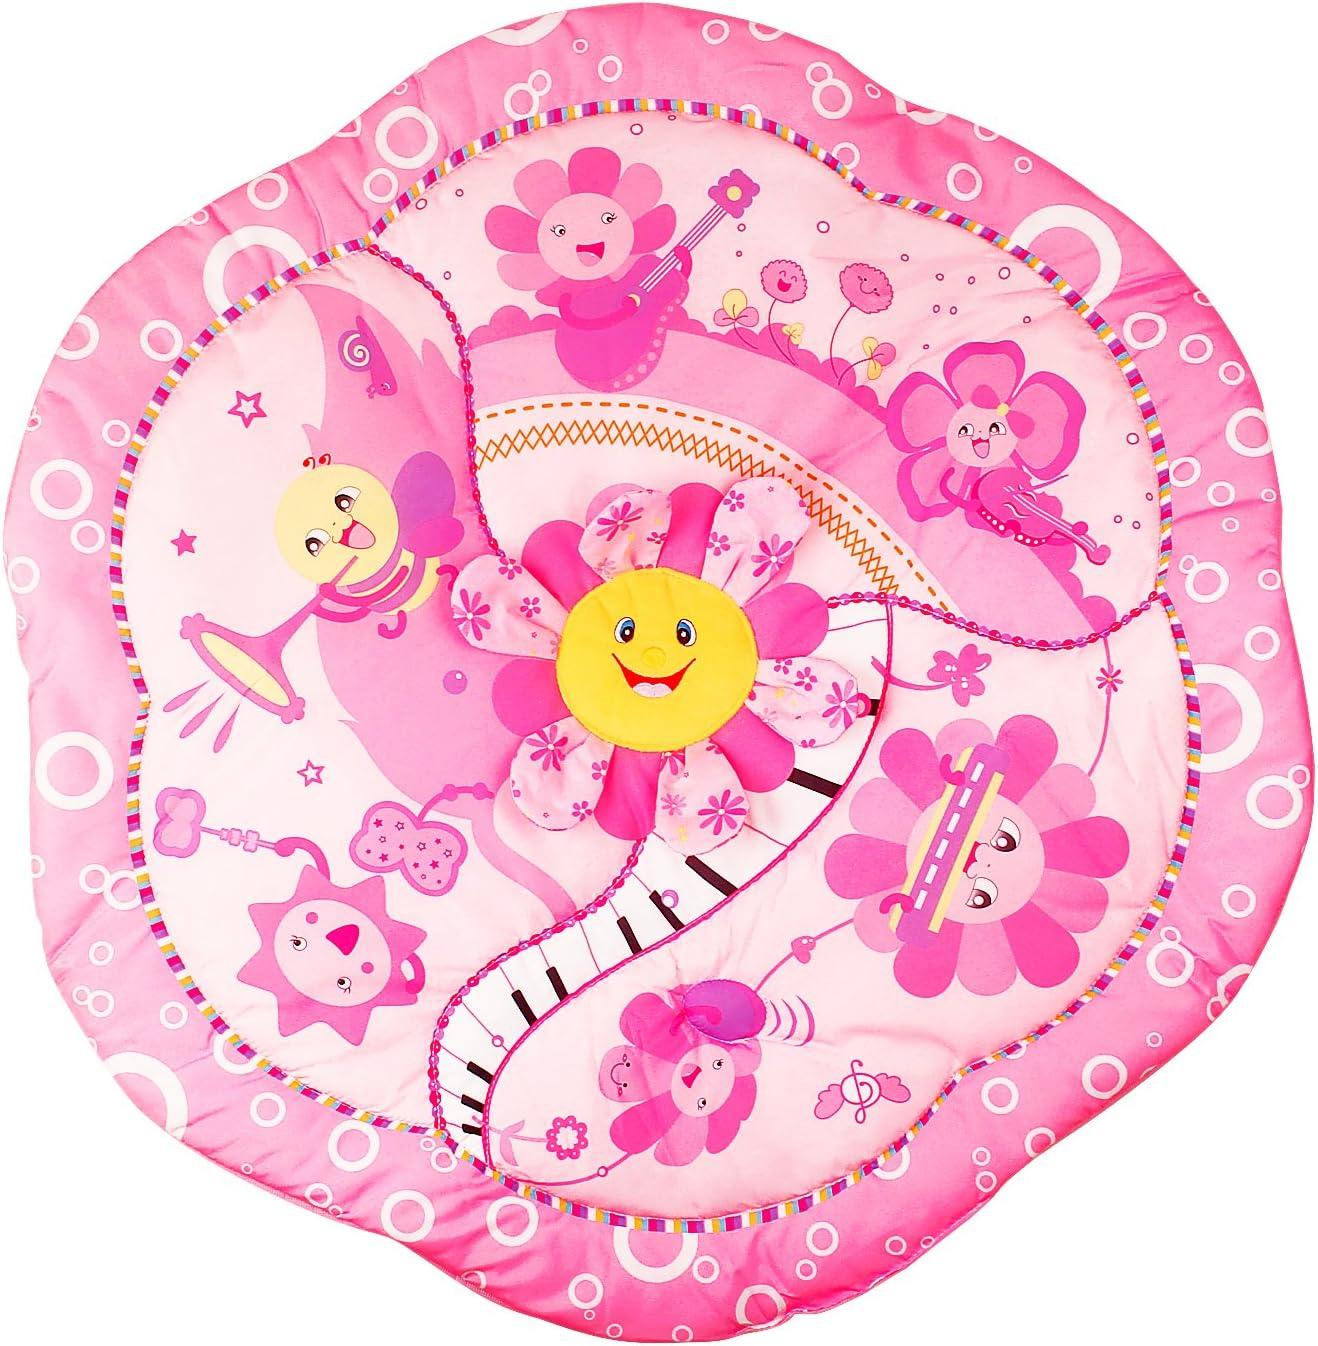 Fleurs SPEED Tapis de Jeux Couverture pour B/éb/é Ramper Tapis de La Jungle Feuille de Match Playmat Exp/érience Blanket Musique Tapis